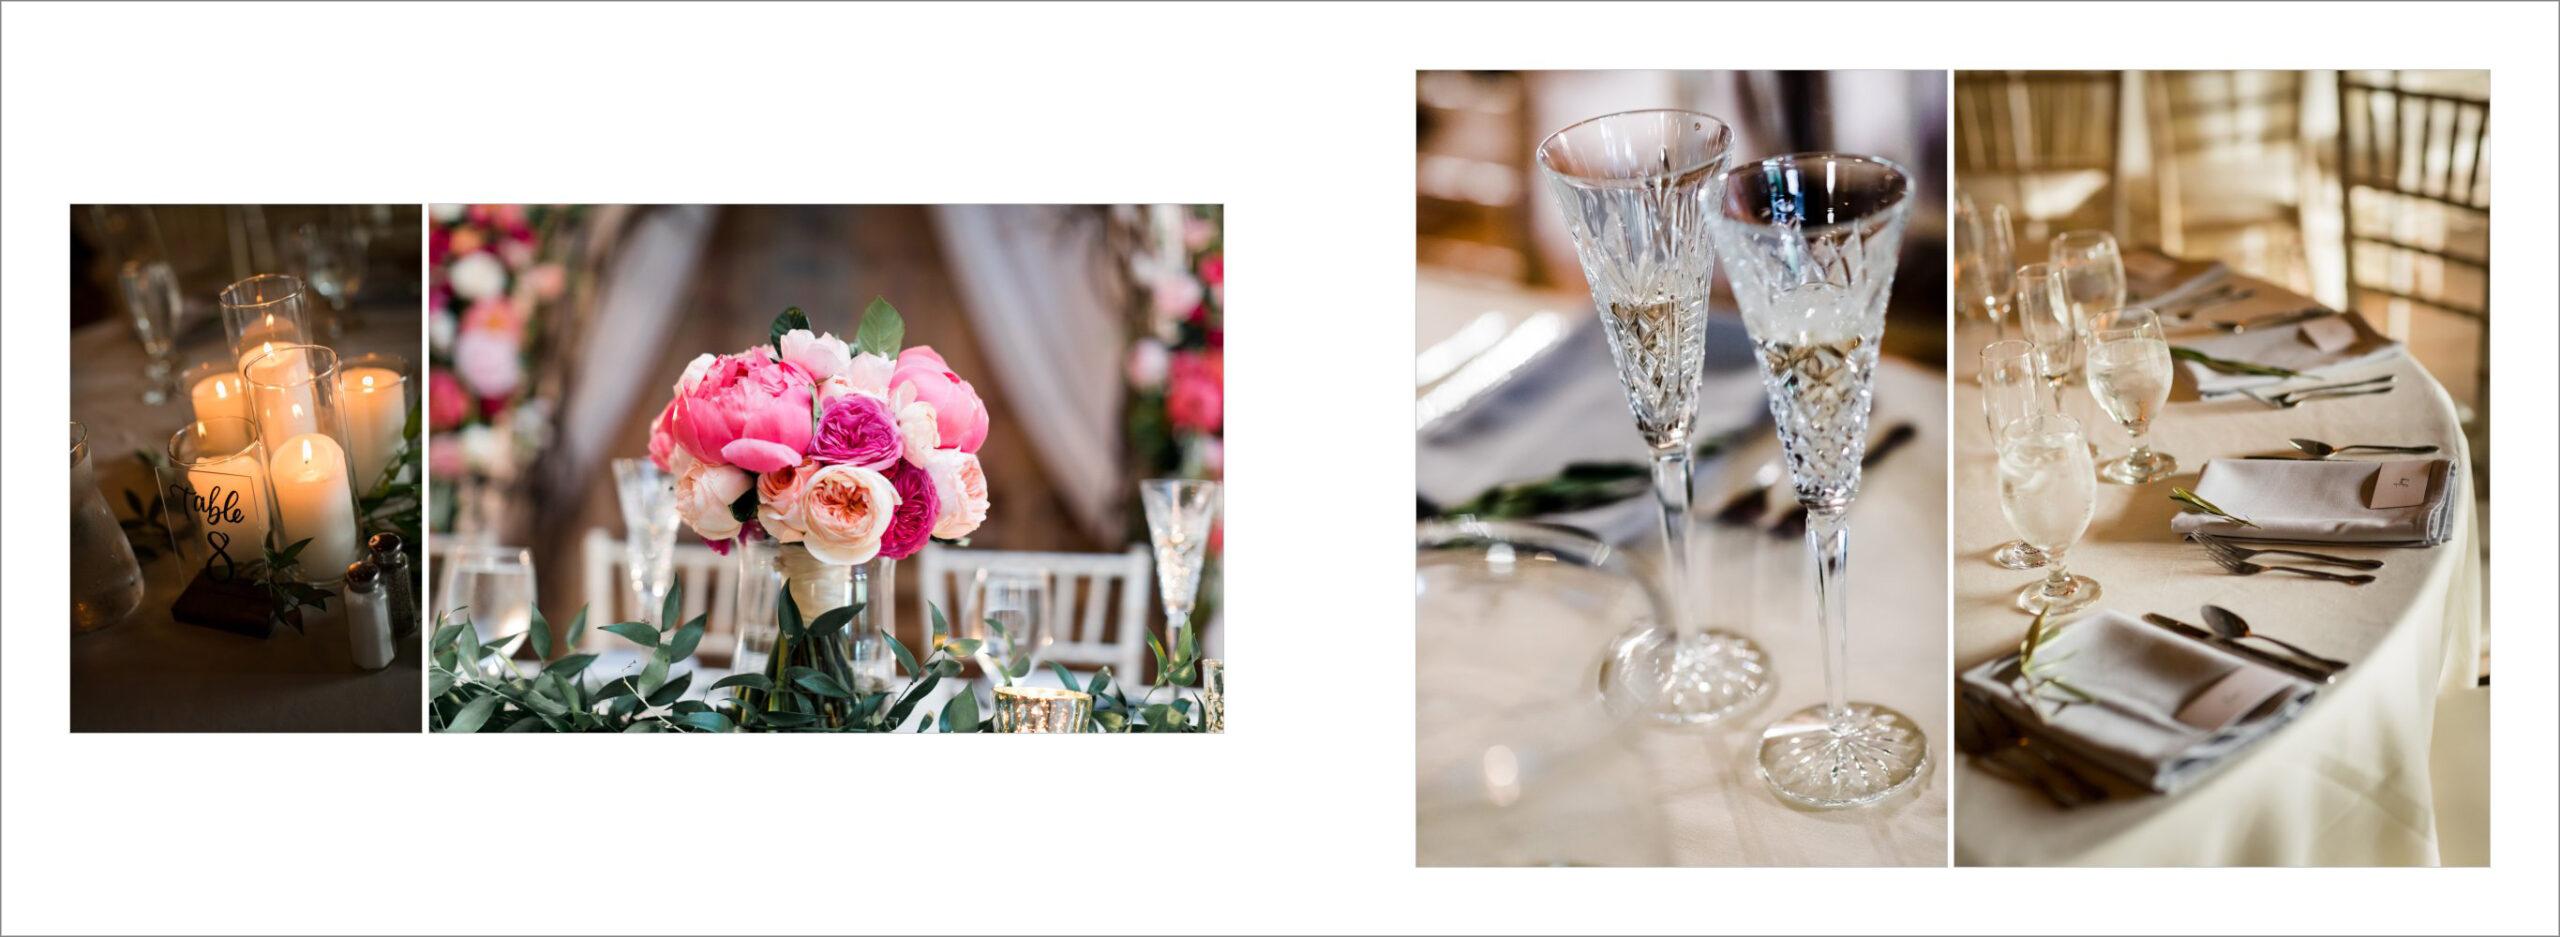 Reception decoration at wedding venue